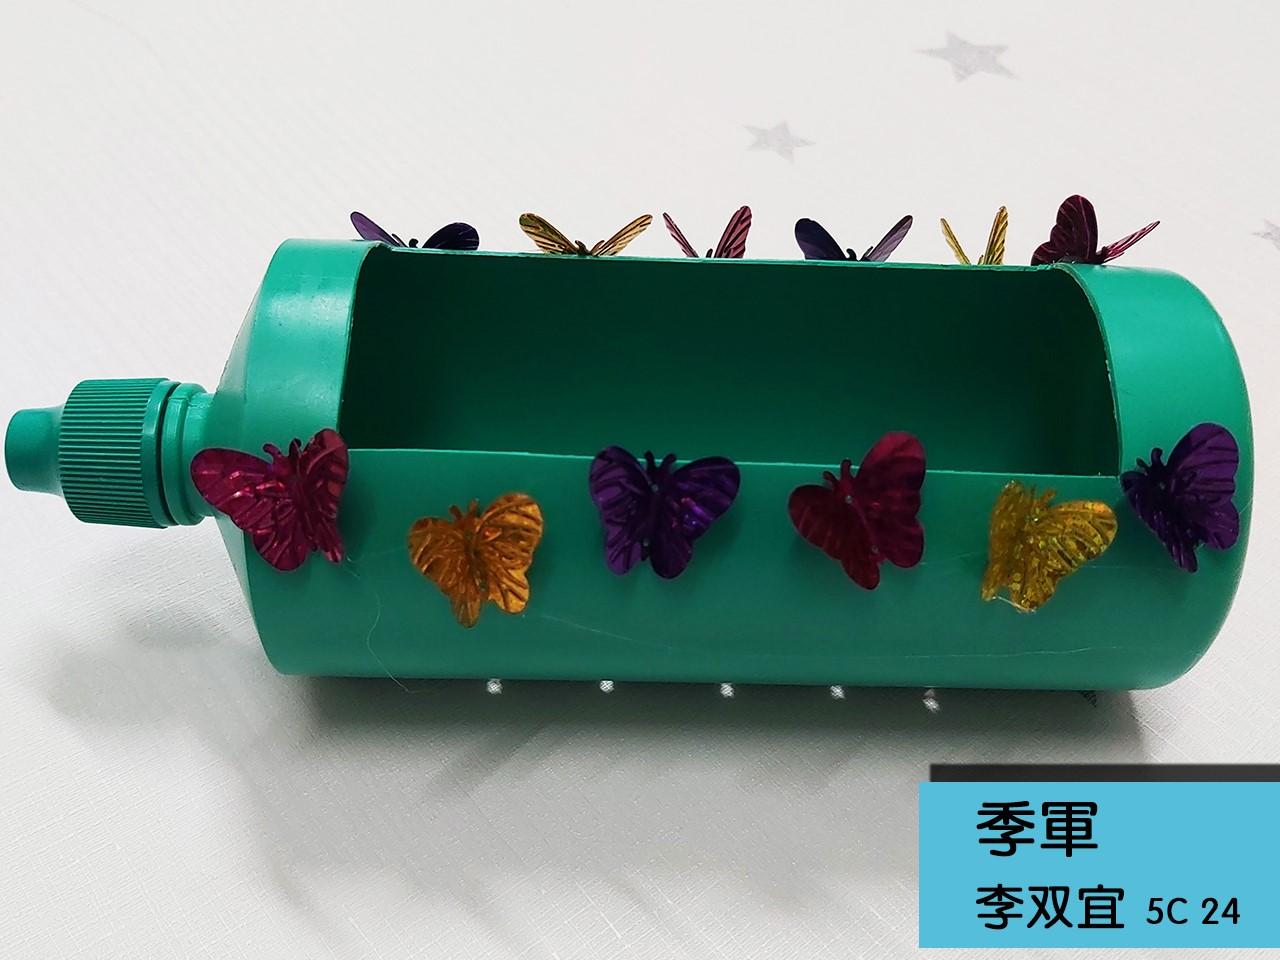 https://plkcjy.edu.hk/sites/default/files/ji_jun_5c_24_lee_sheung_yee.jpg